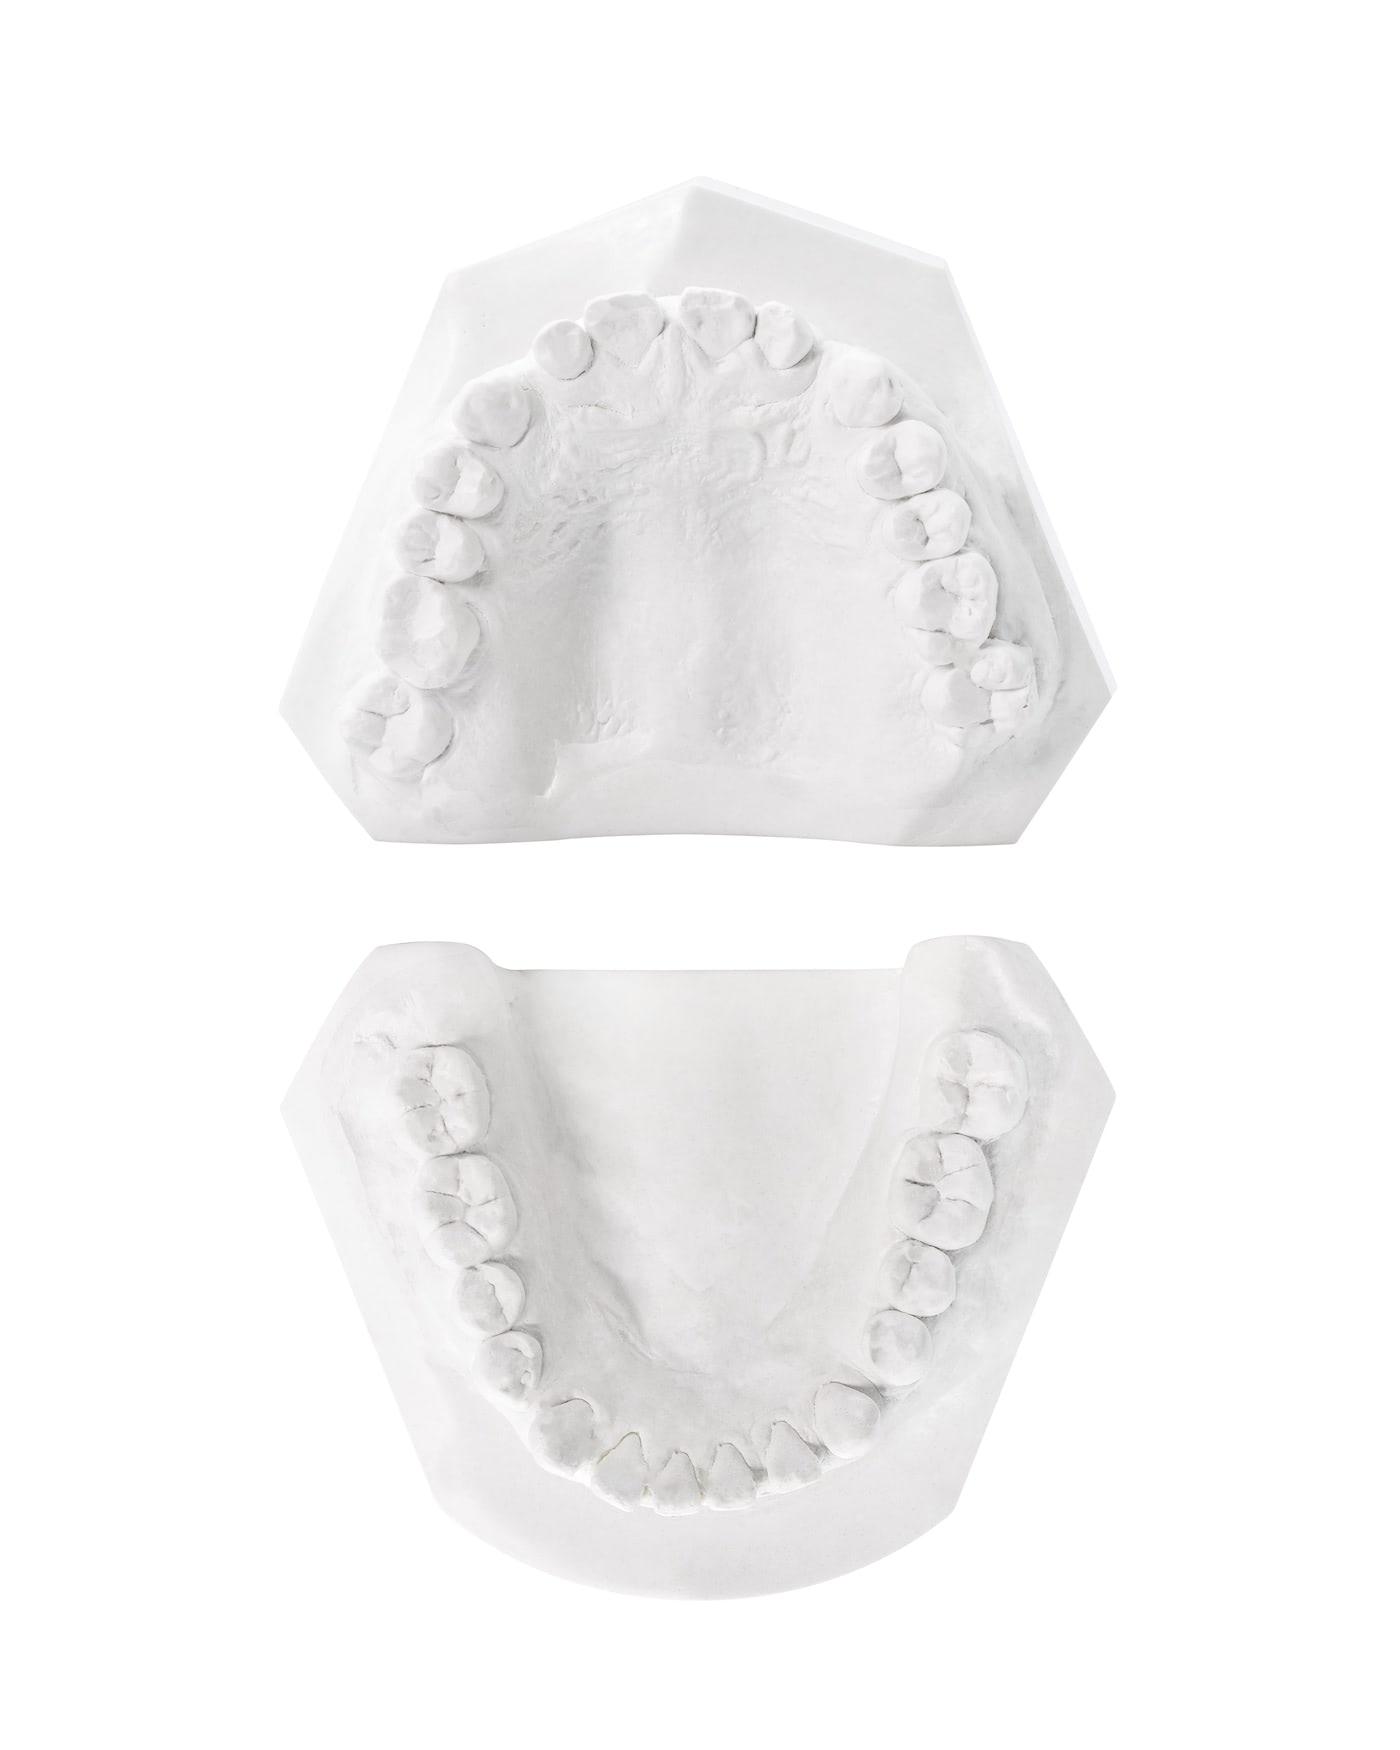 dental mockup